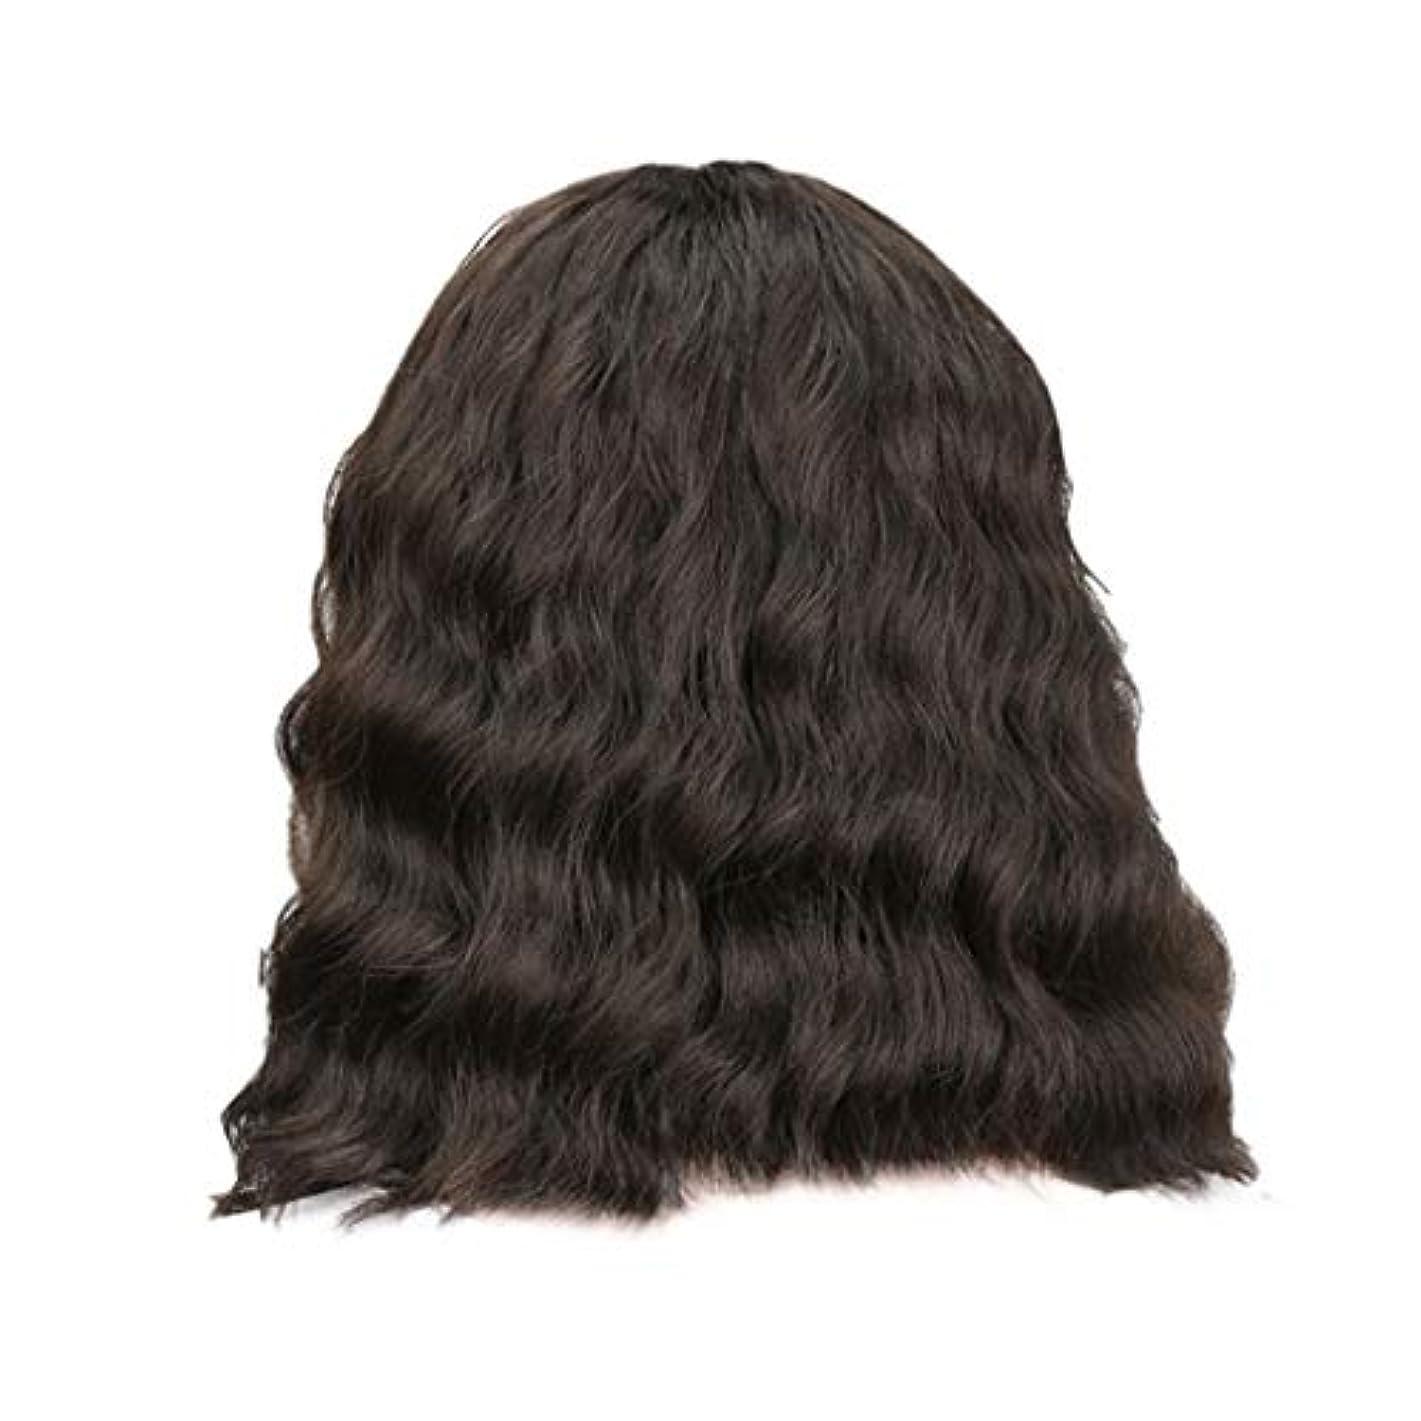 逆説ありふれたソロ女性の黒の短い巻き毛のかつらボブ波かつらローズネット34 cm